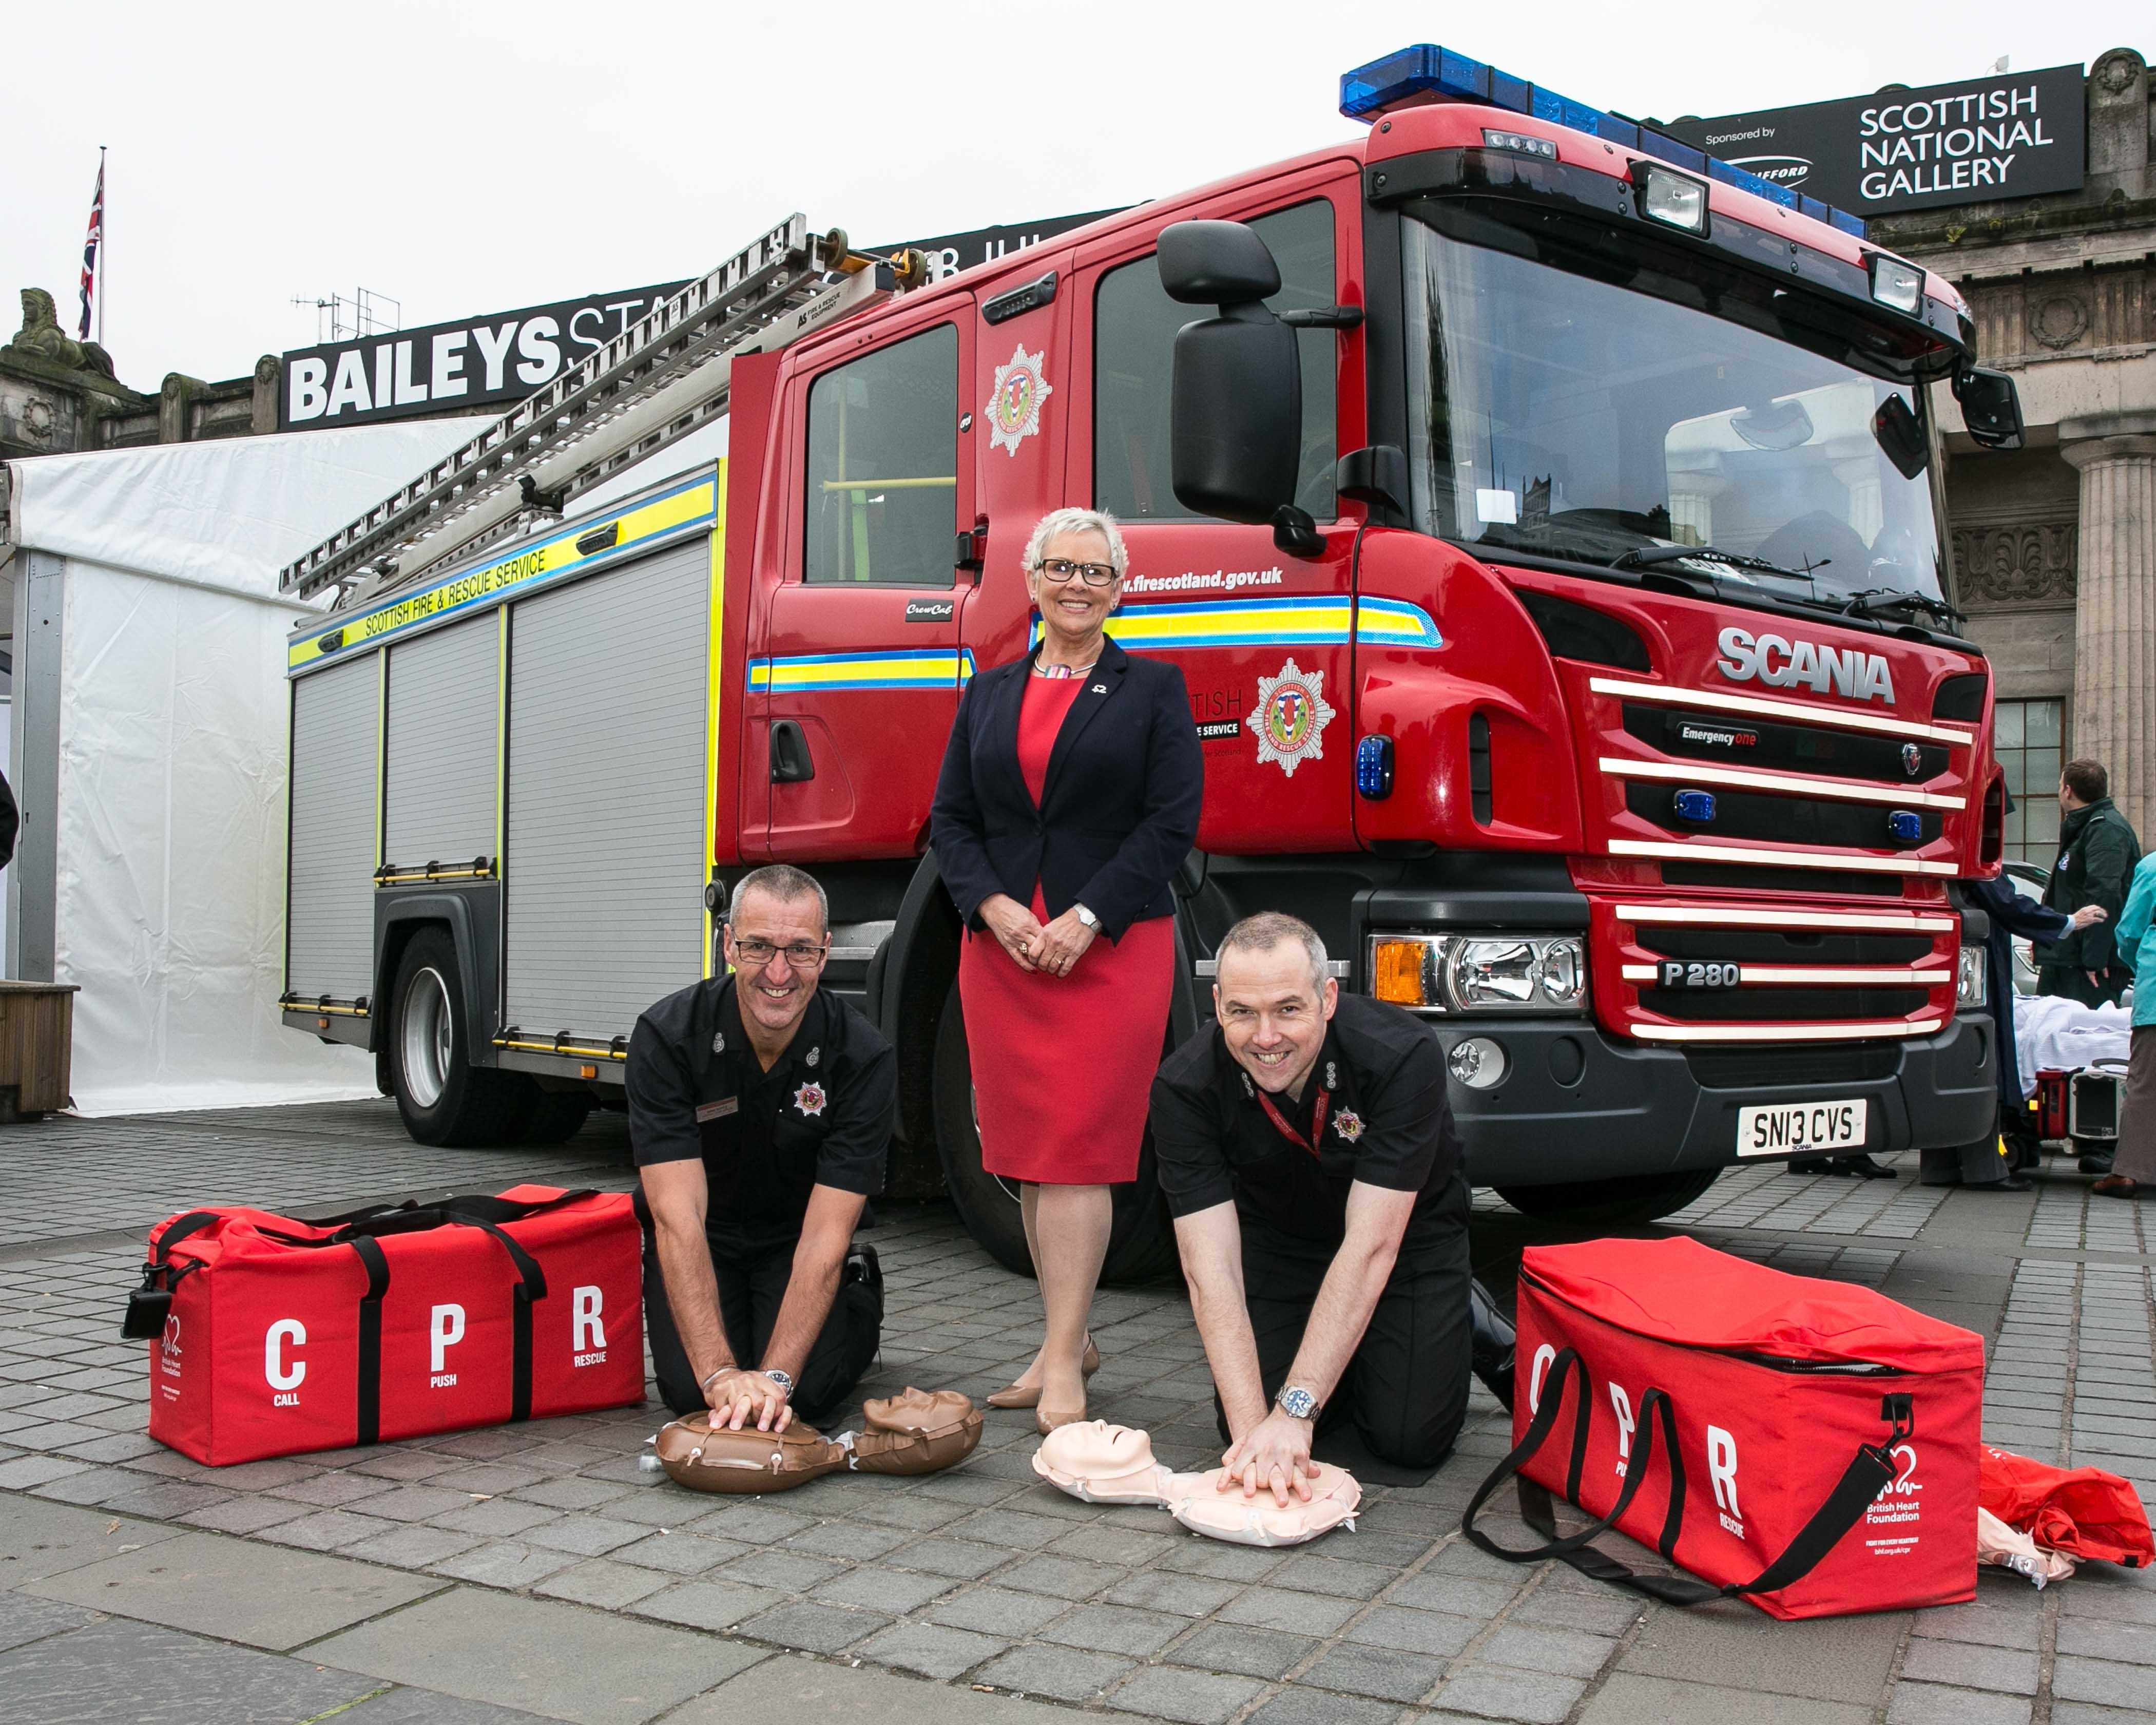 CPR event in Aberdeen